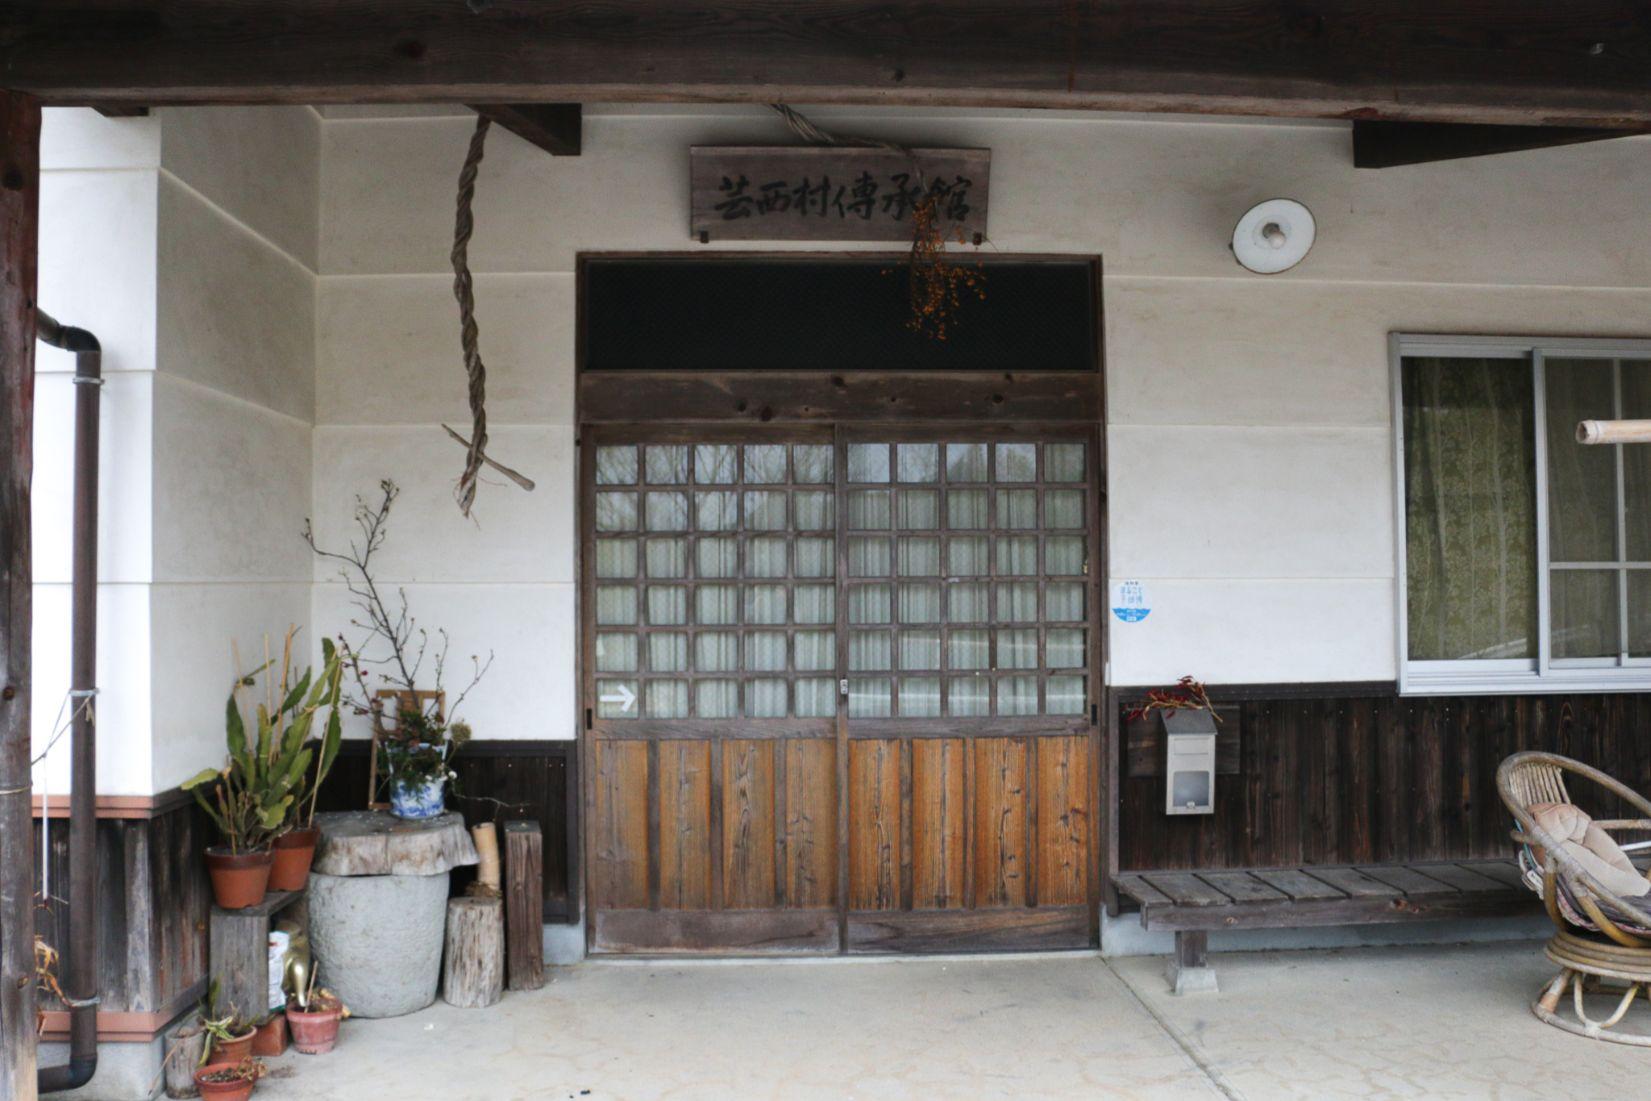 芸西村伝承館